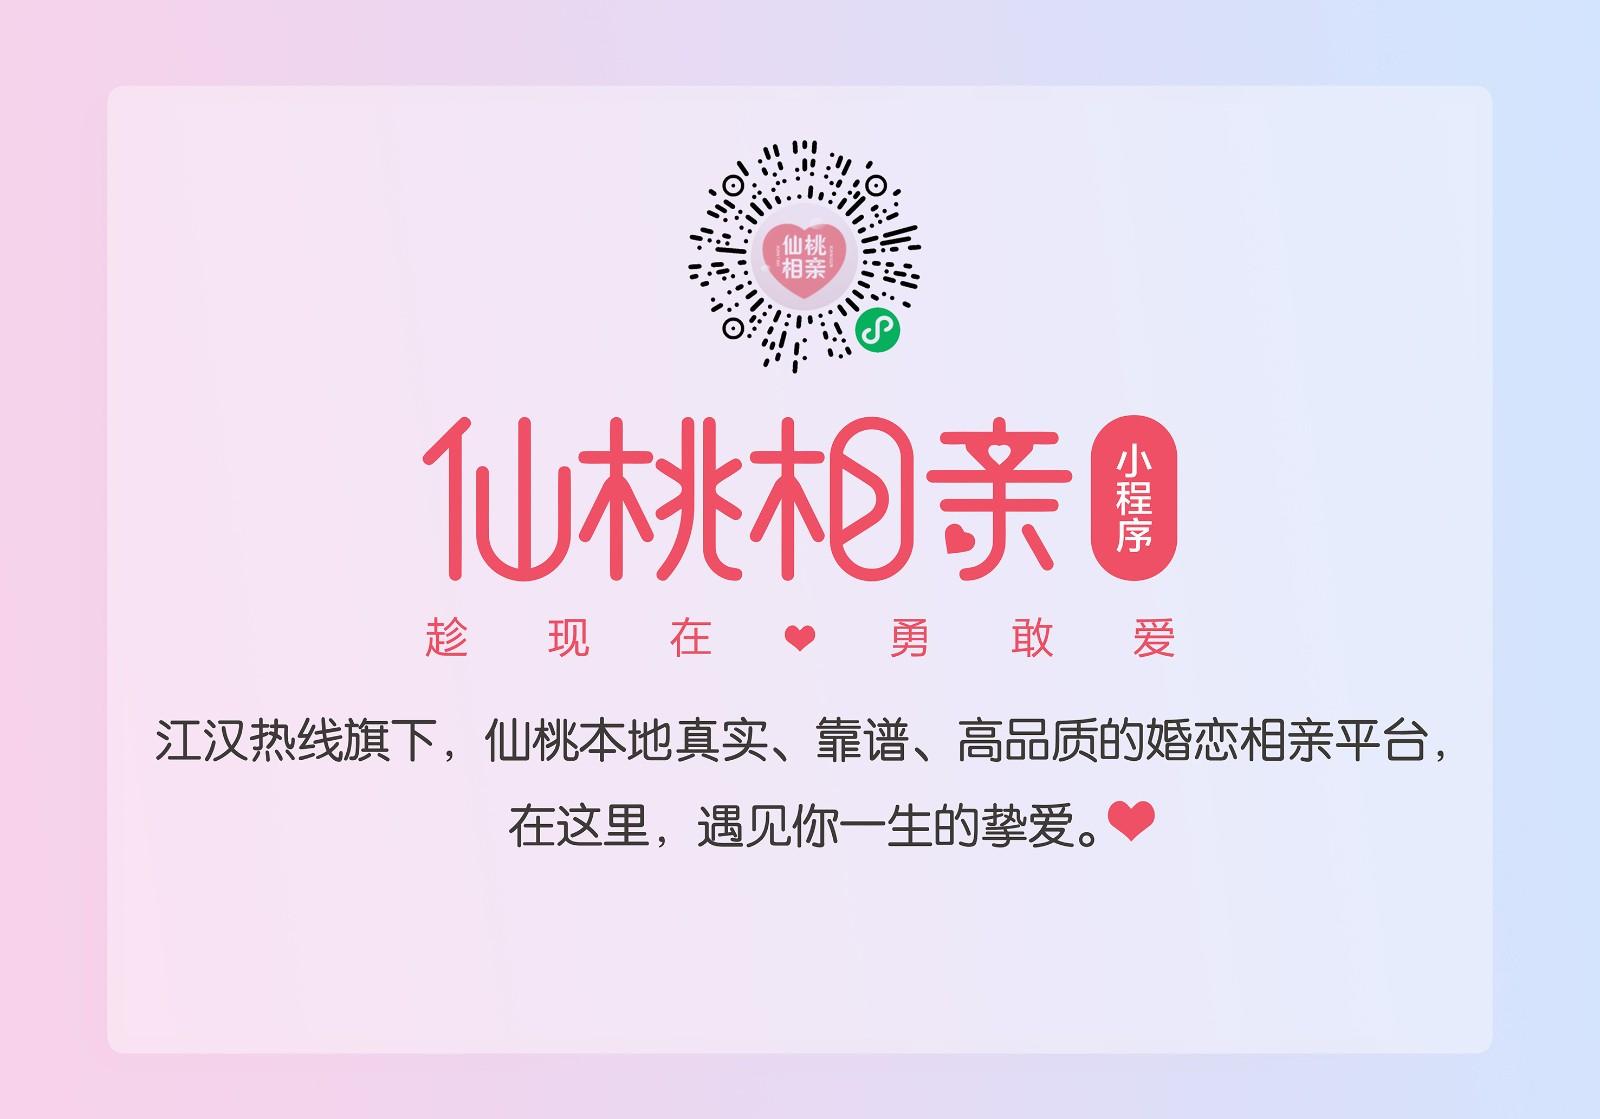 仙桃相亲-论坛 APP.jpg